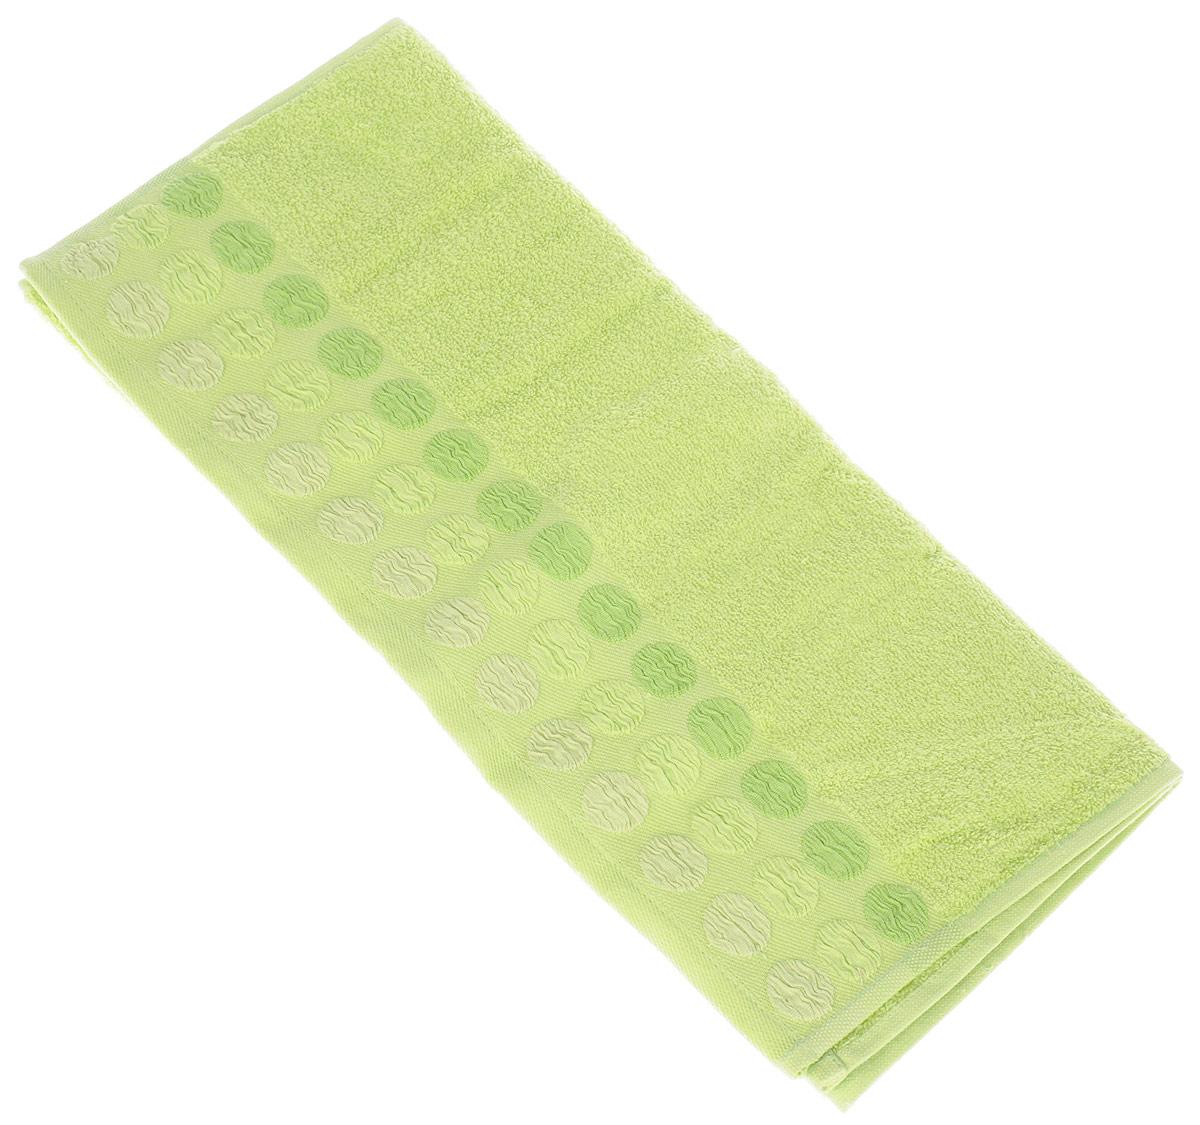 Полотенце Brielle Point, цвет: зеленый, 50 х 90 см11451/1W TOONПолотенце Brielle Point выполнено из 100% хлопка. Изделие очень мягкое, оно отлично впитывает влагу, быстро сохнет, сохраняет яркость цвета и не теряет формы даже после многократных стирок. Модель оформлена рисунком.Полотенце Brielle Point очень практично и неприхотливо в уходе. Такое полотенце послужит приятным подарком.